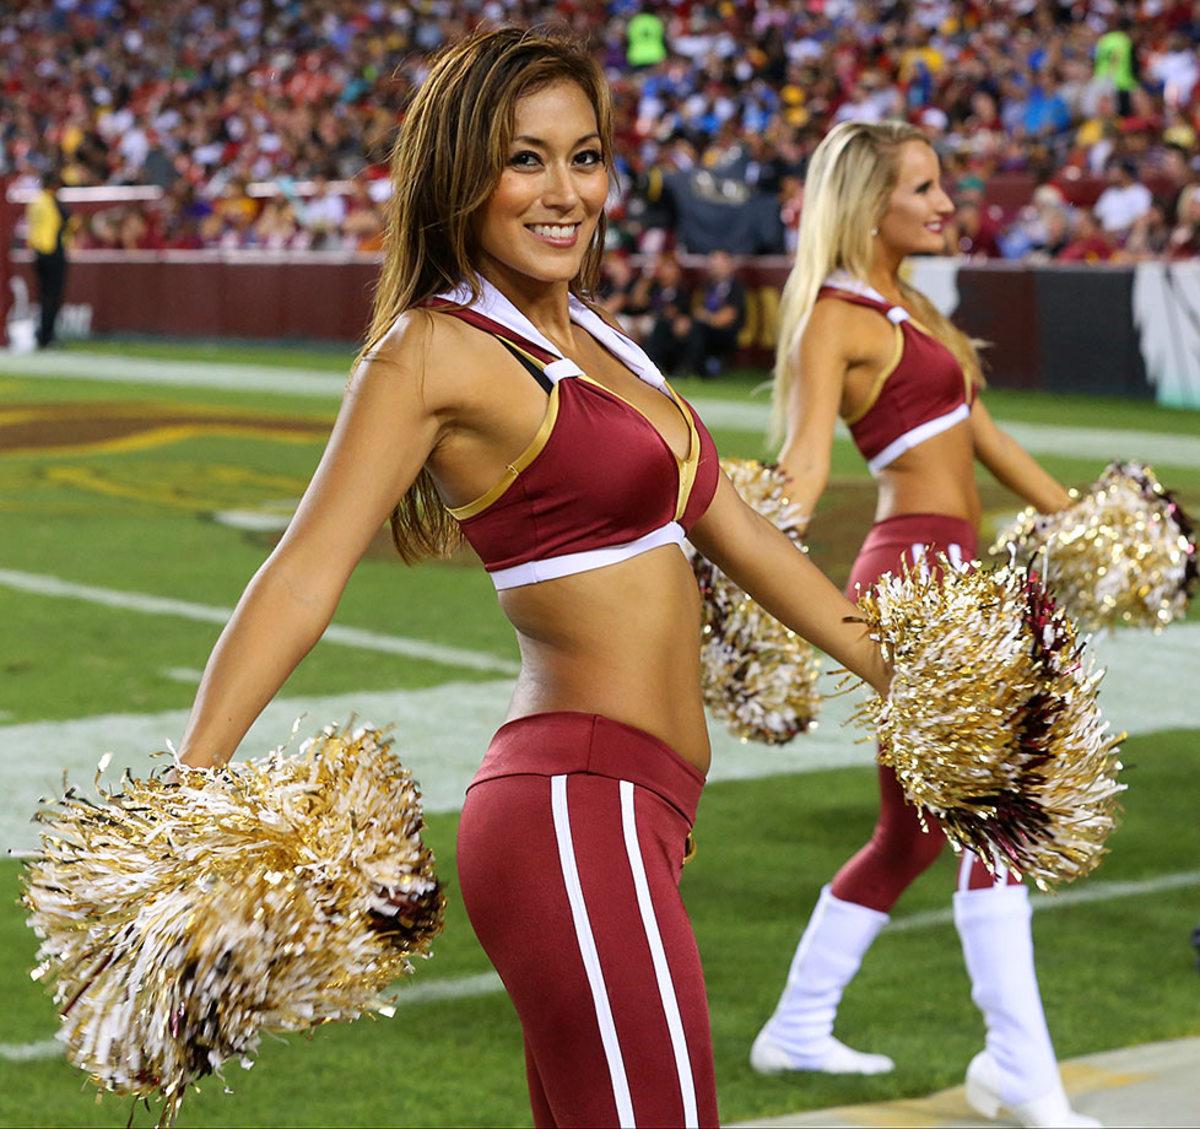 Washington-Redskins-cheerleaders-BEA_4416A.jpg